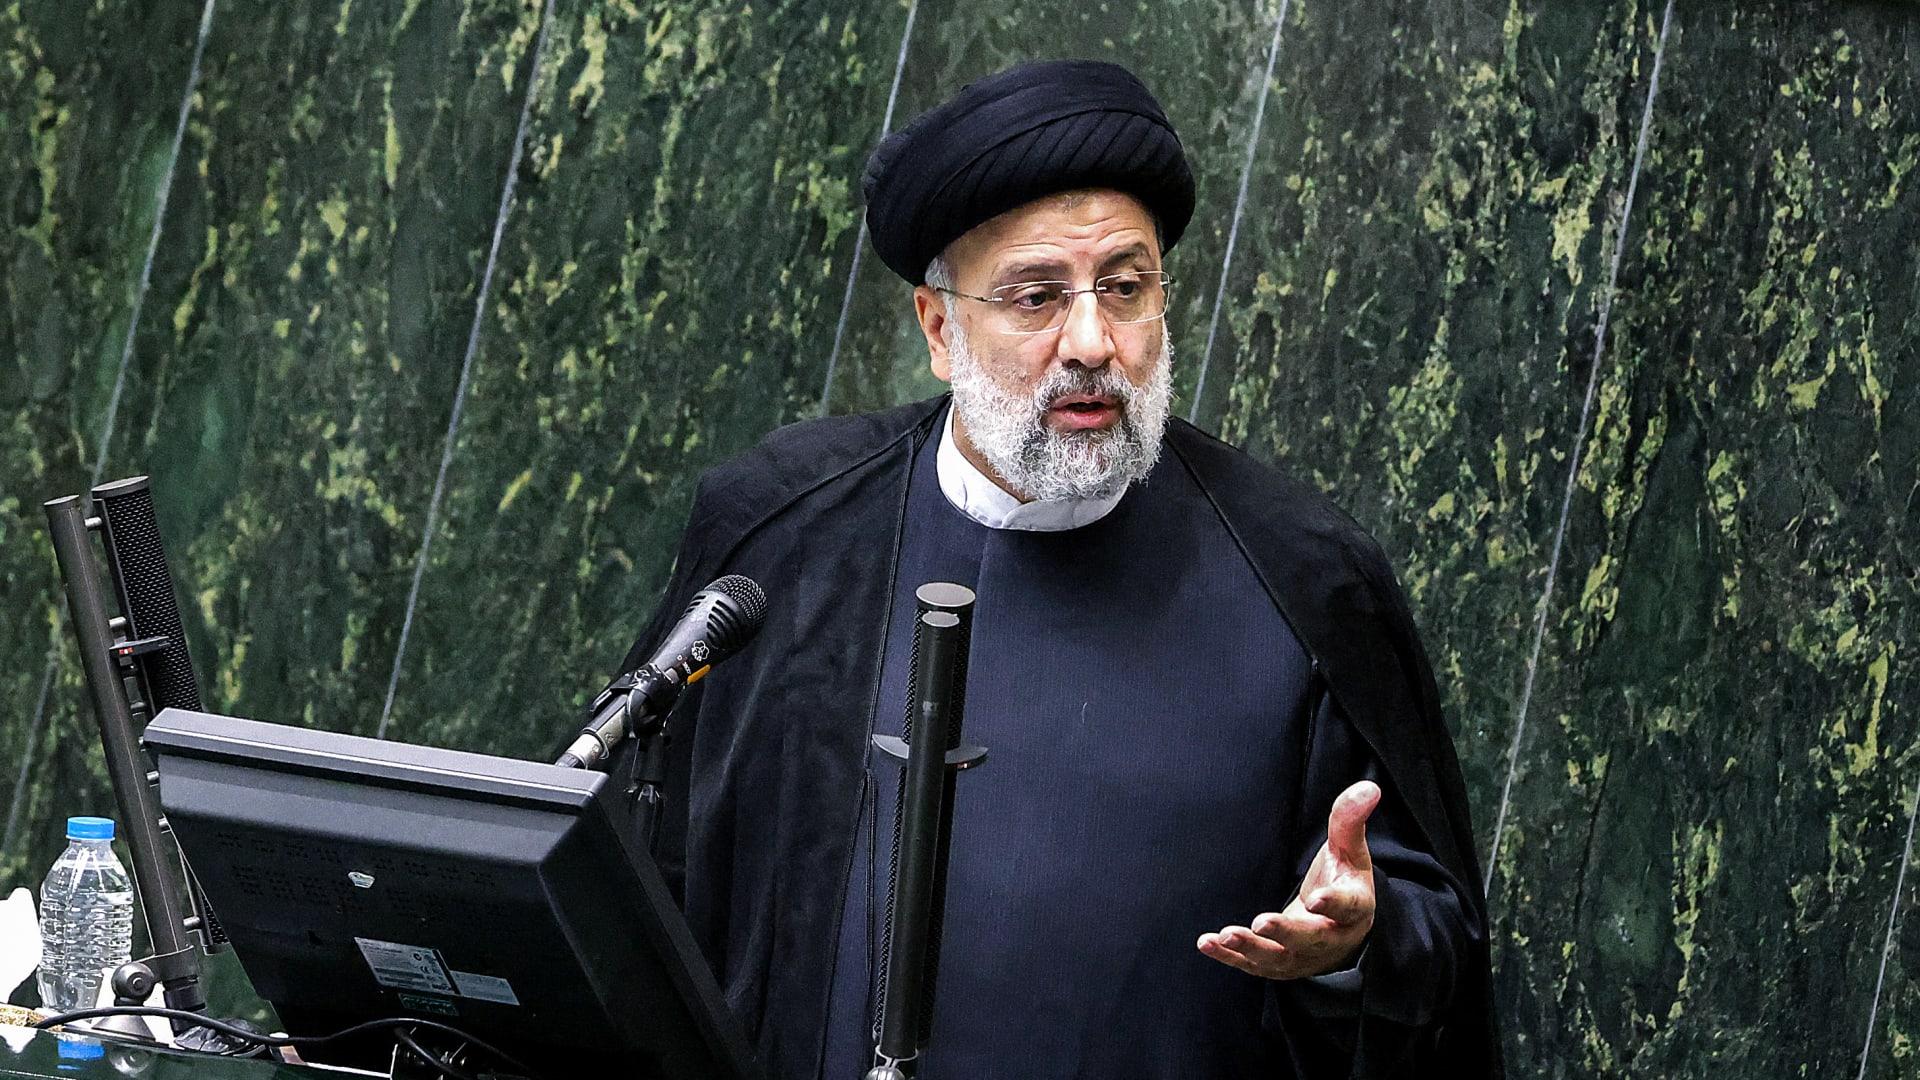 الرئيس الغيراني الجديد ابراهيم رئيسي في كلمة أمام البرلمان